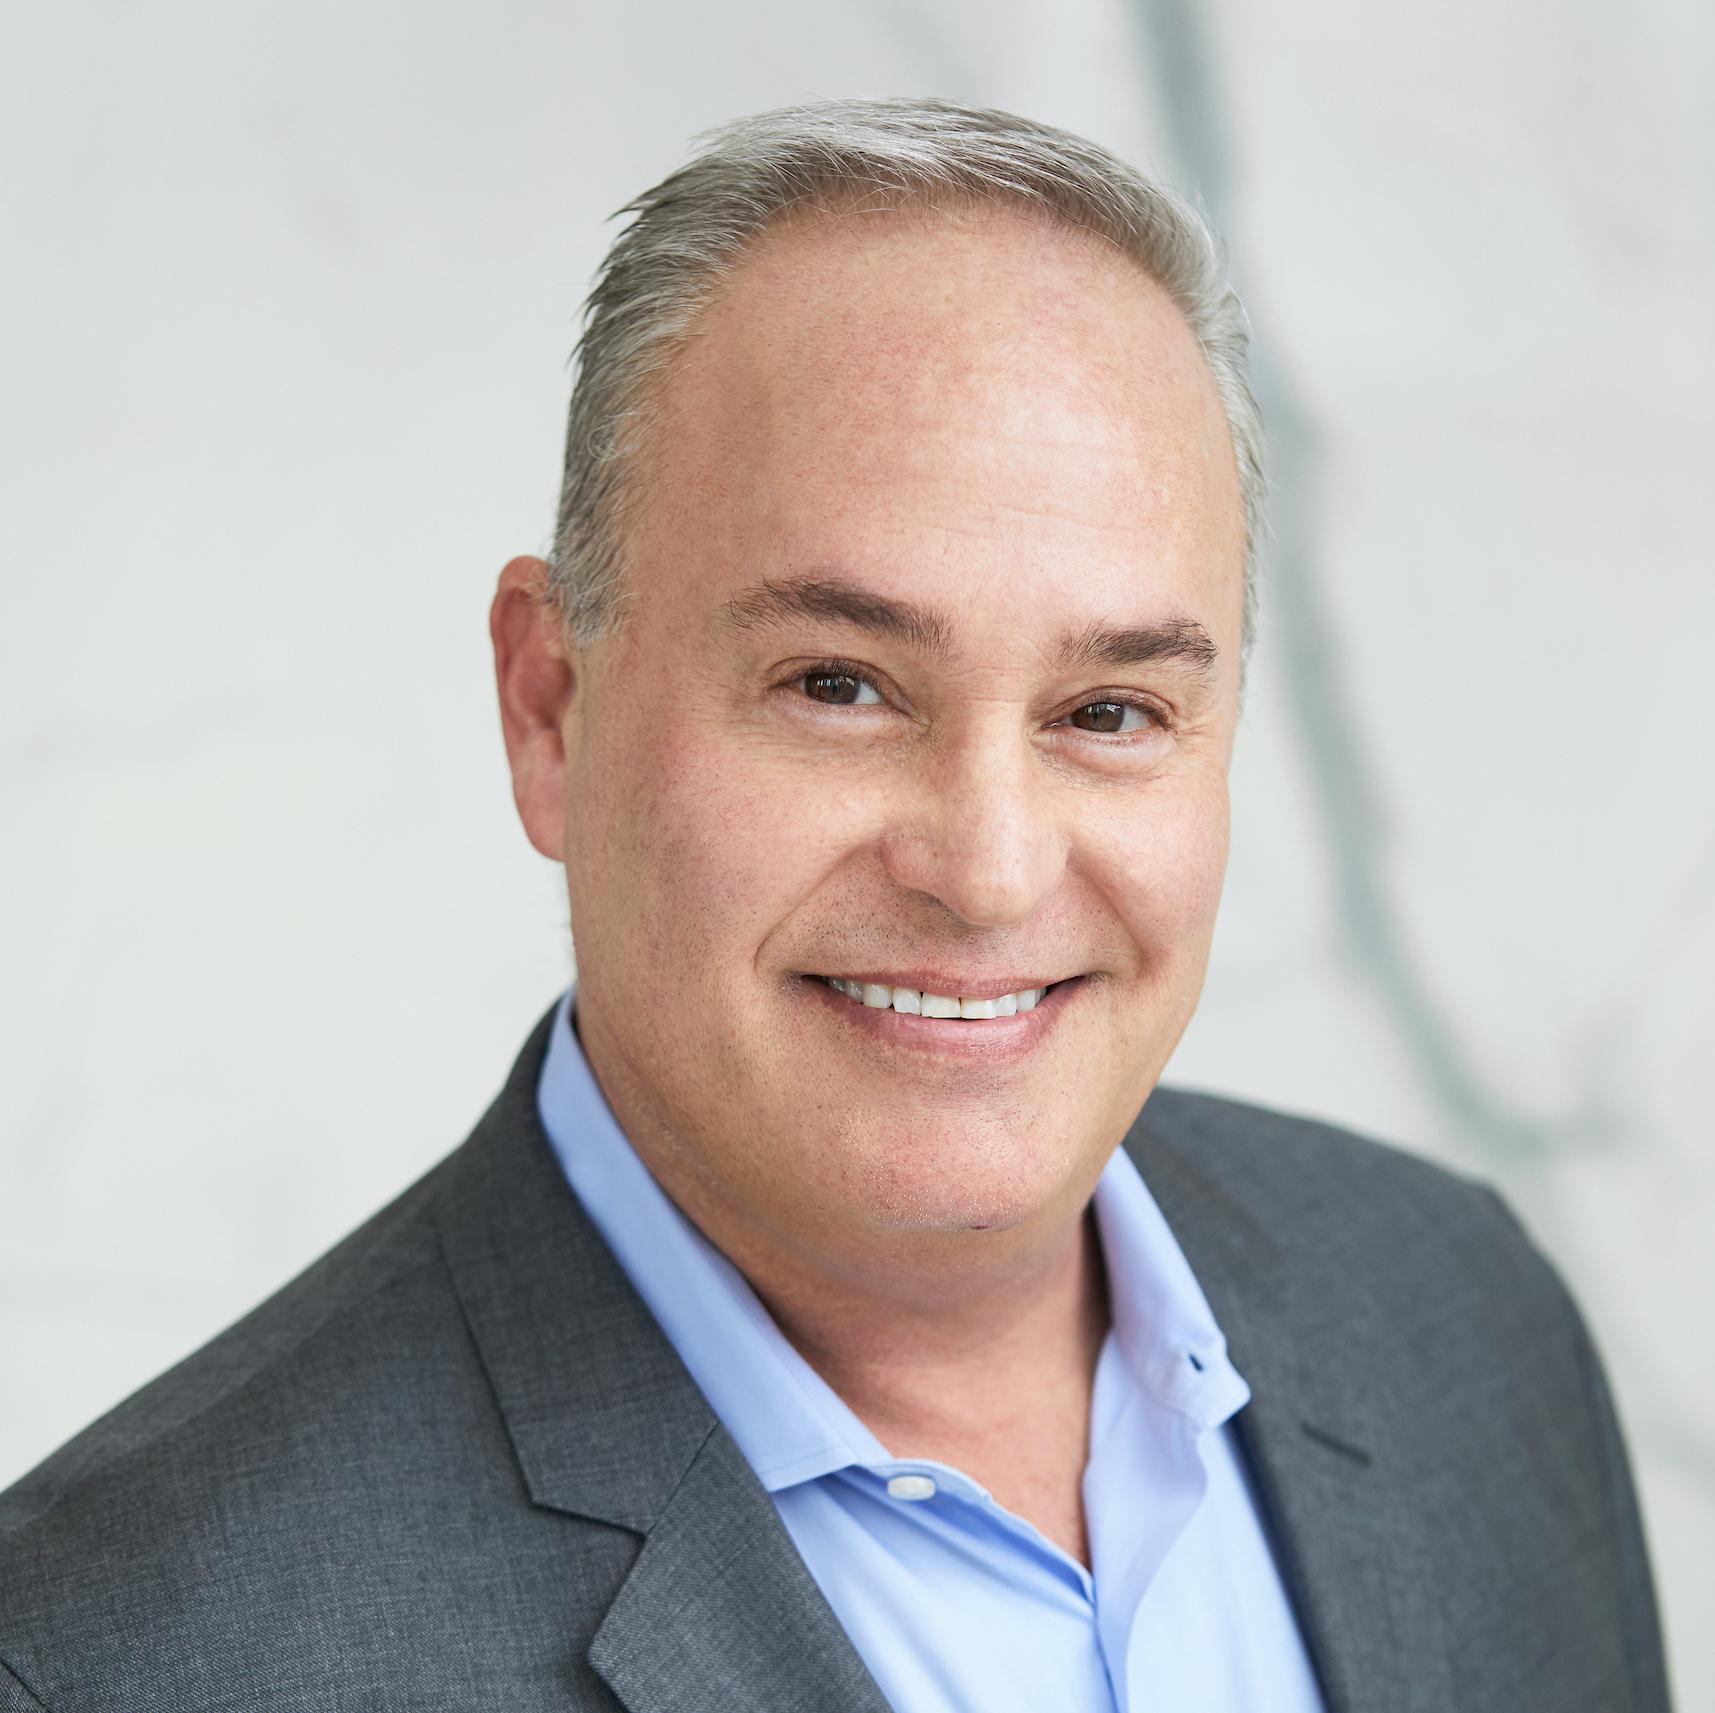 Seth Kursman